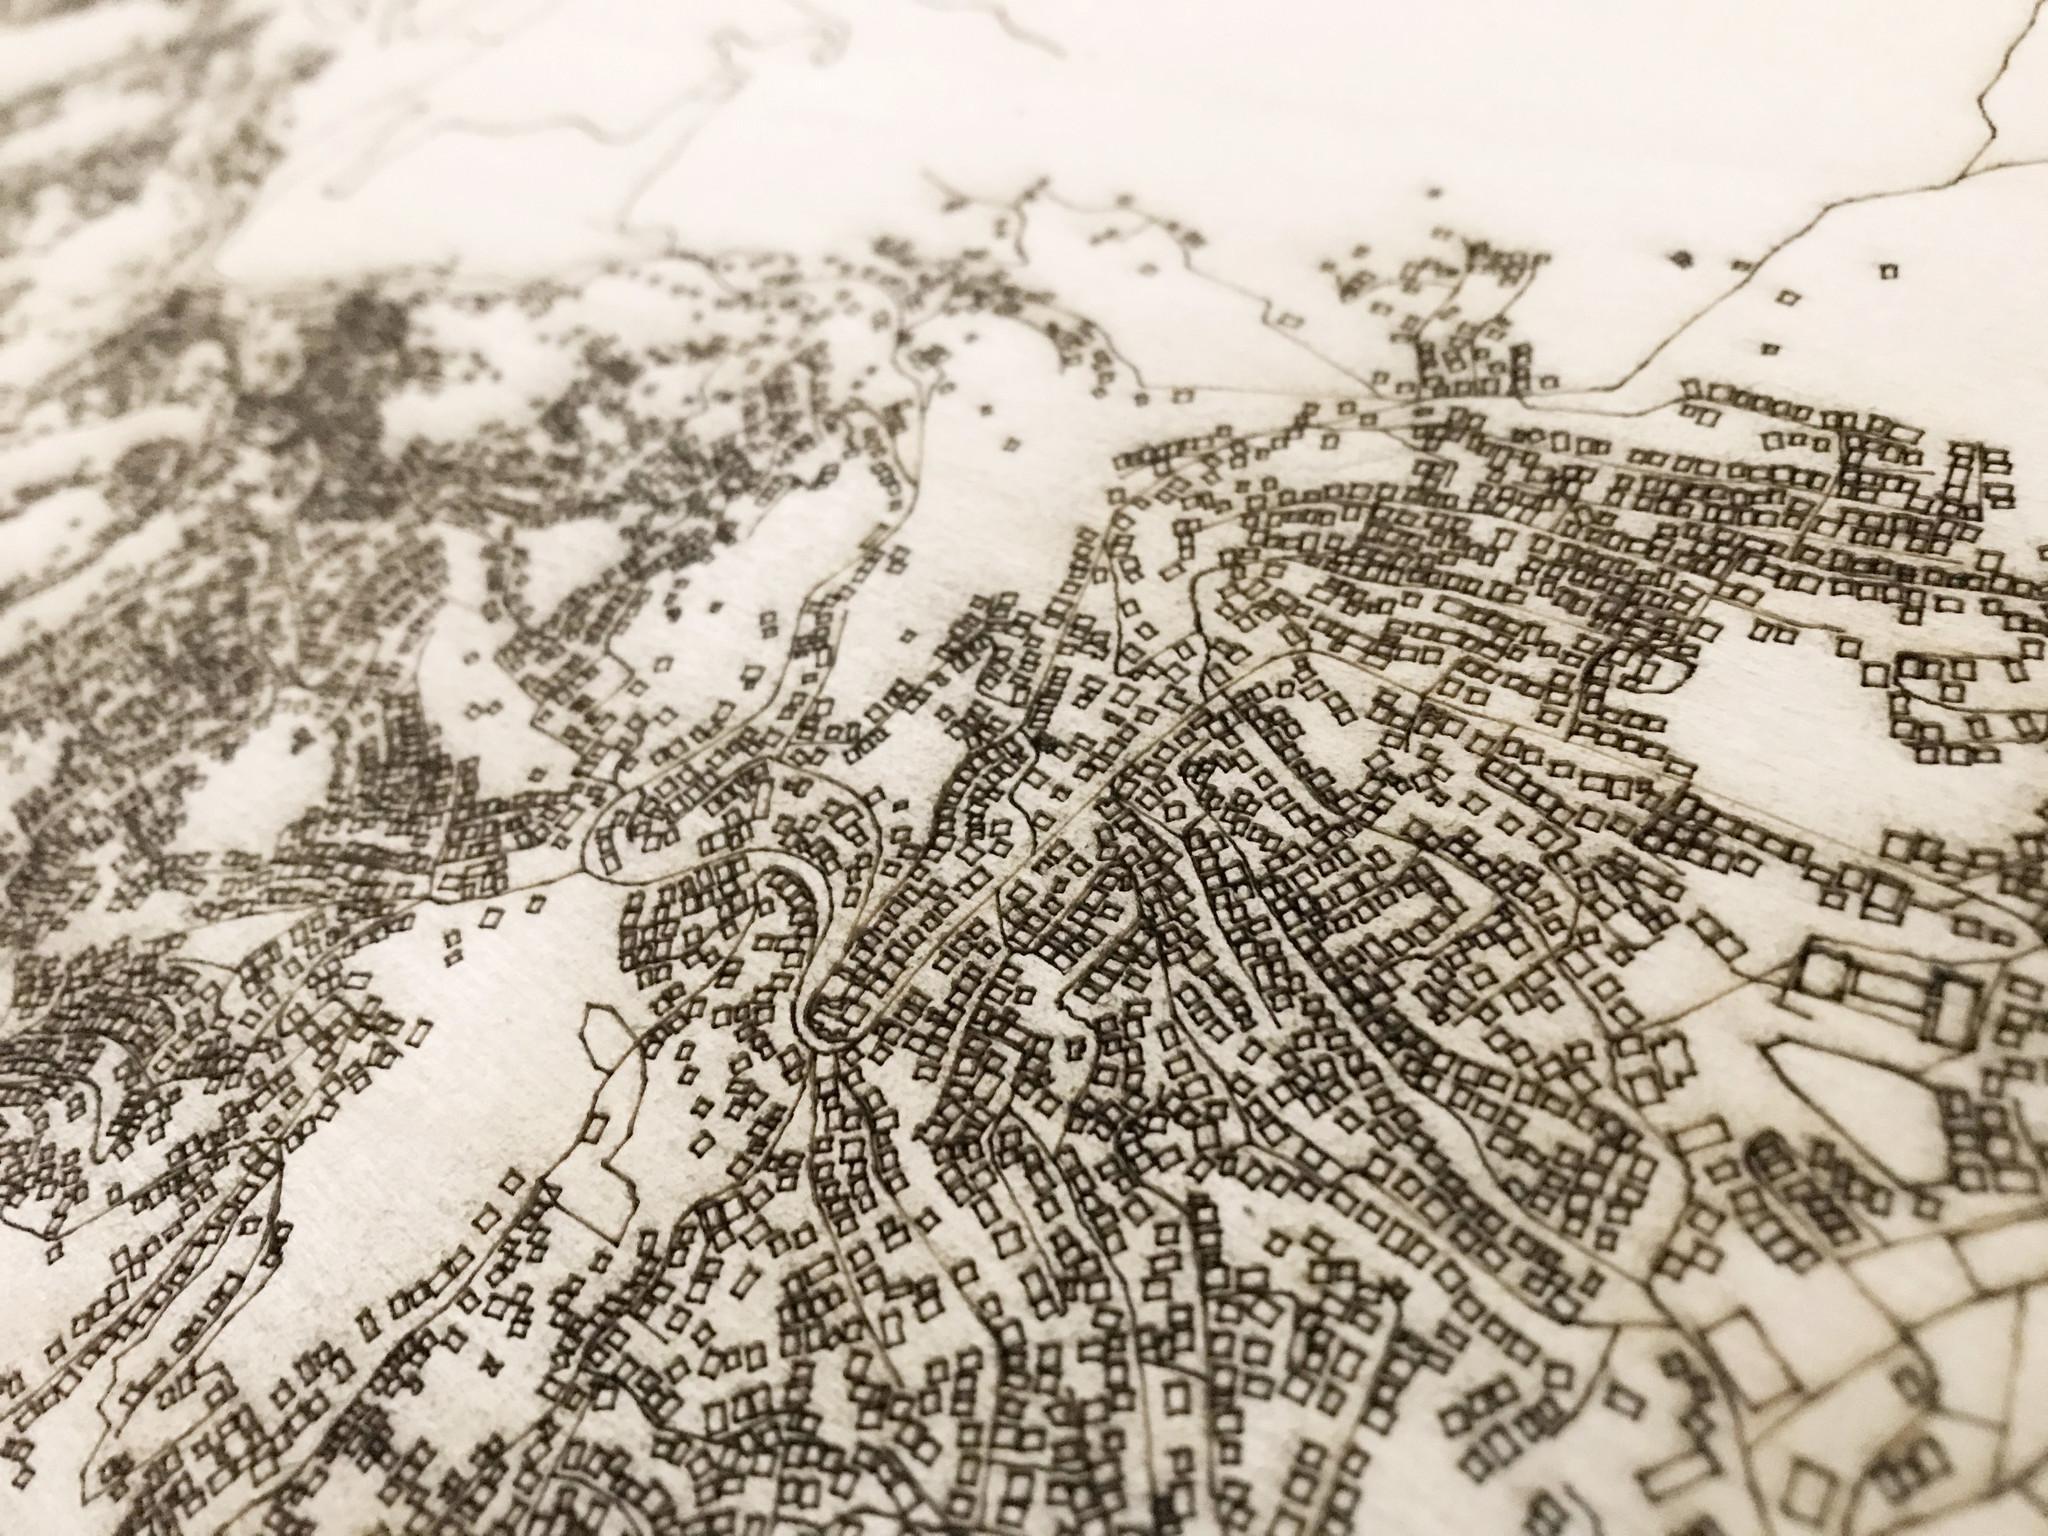 Wanddekoration aus Holz Wandbild Sarajevo XL Stadtplan-2